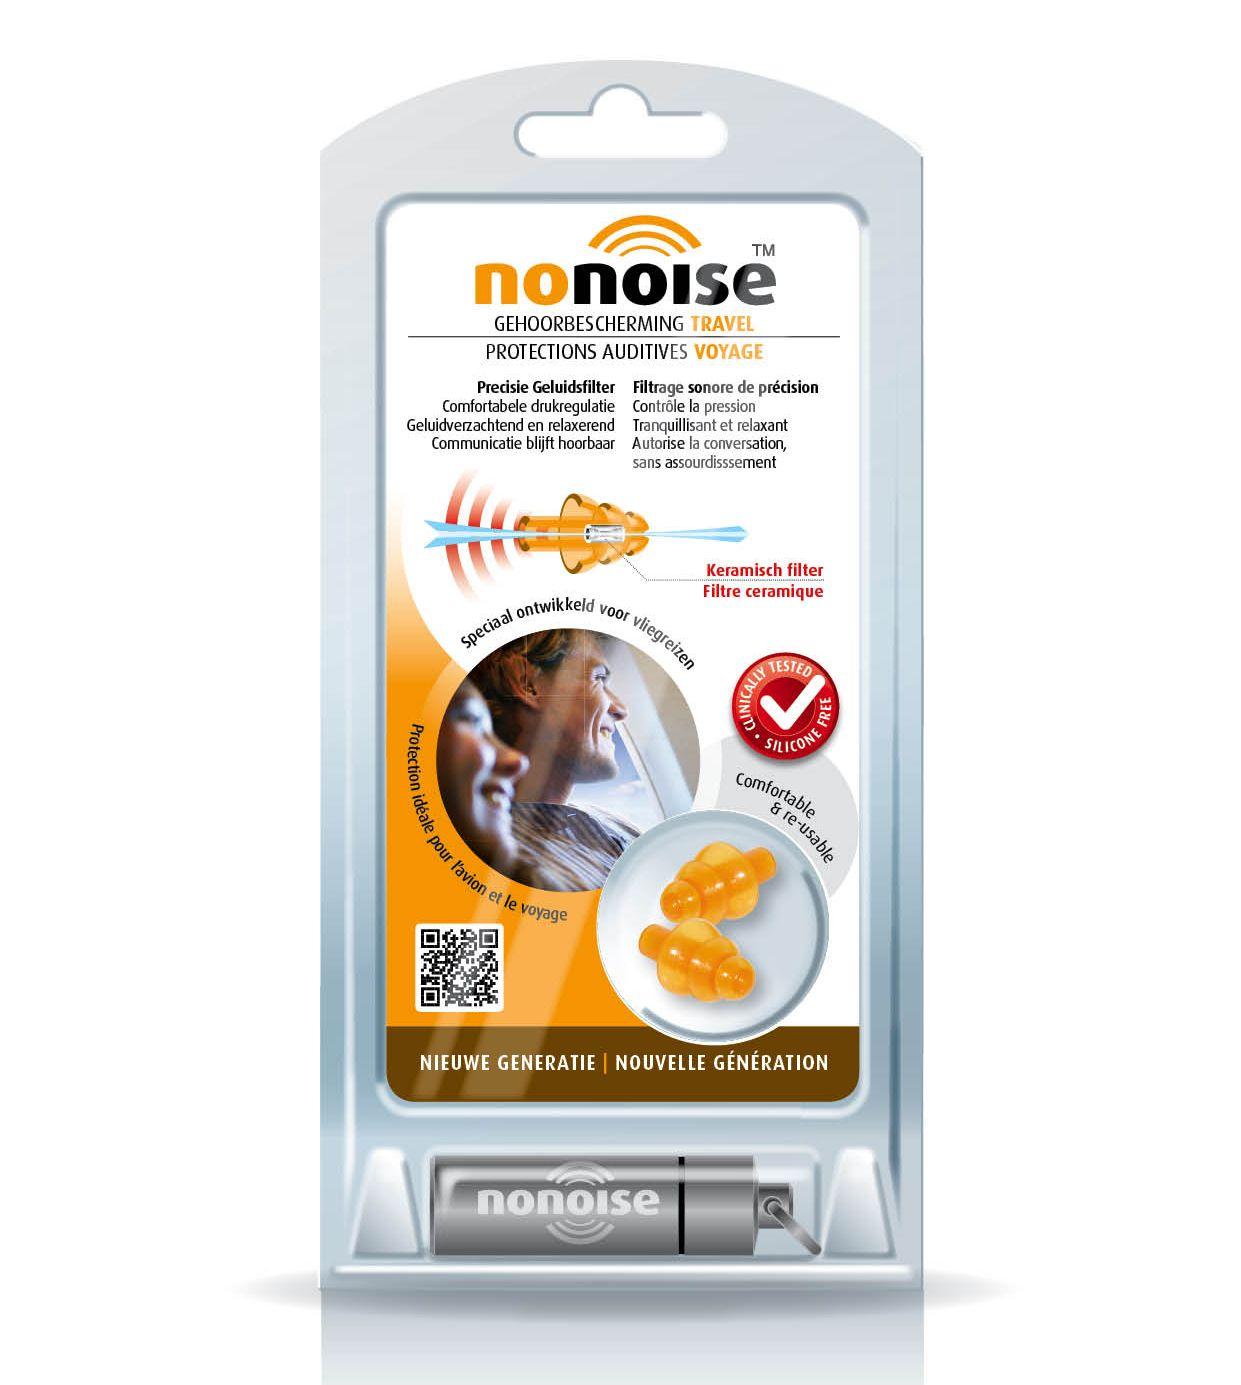 Image of NoNoise gehoorbescherming reizen